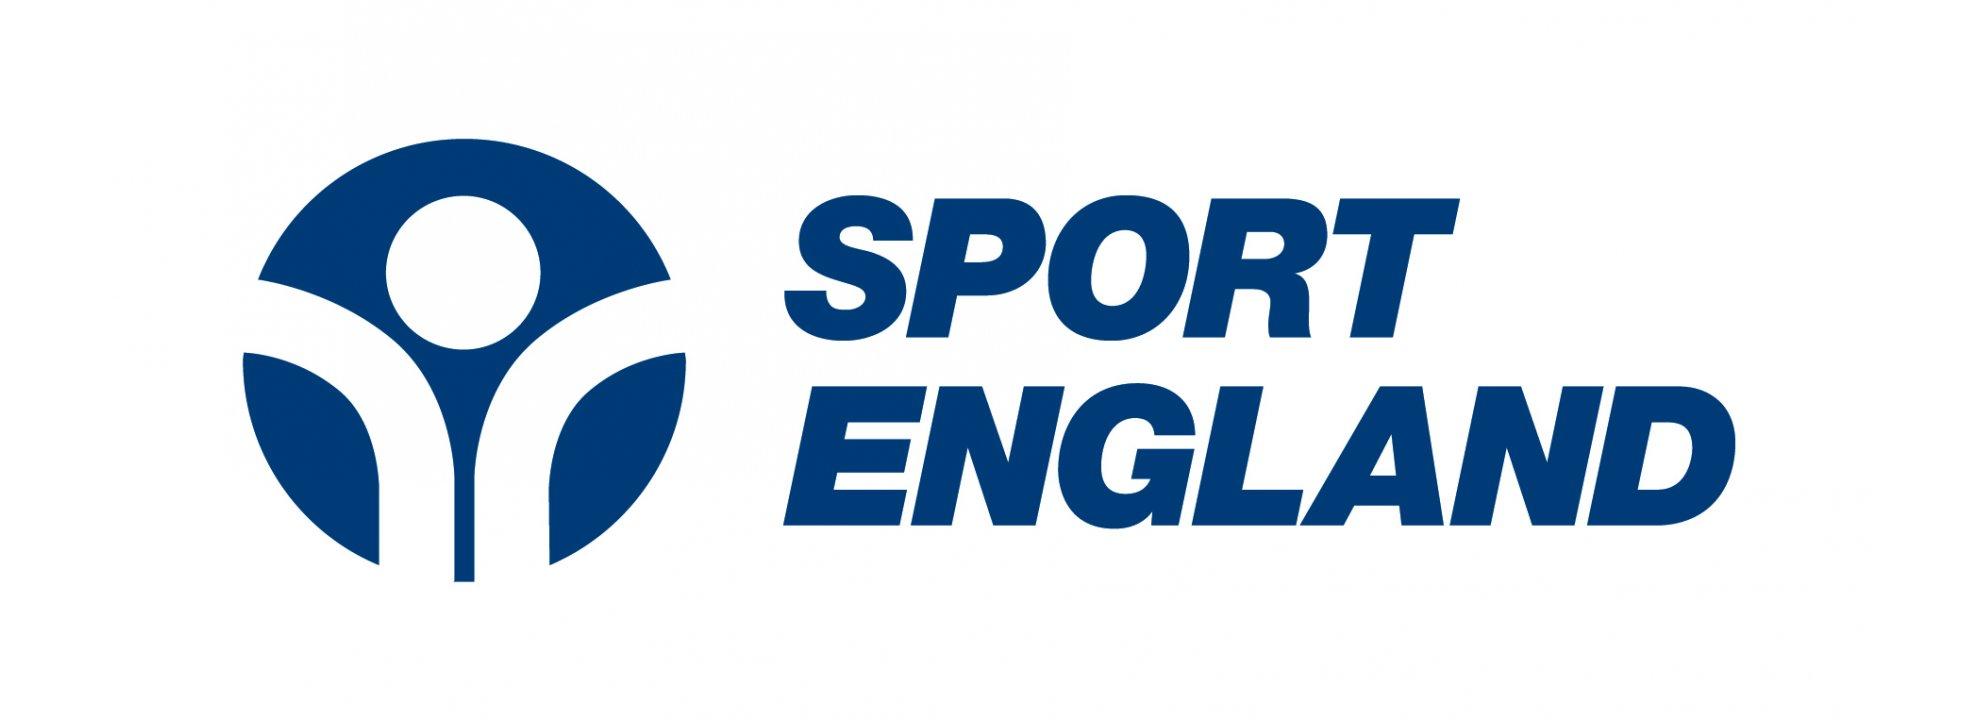 Sport England zsah